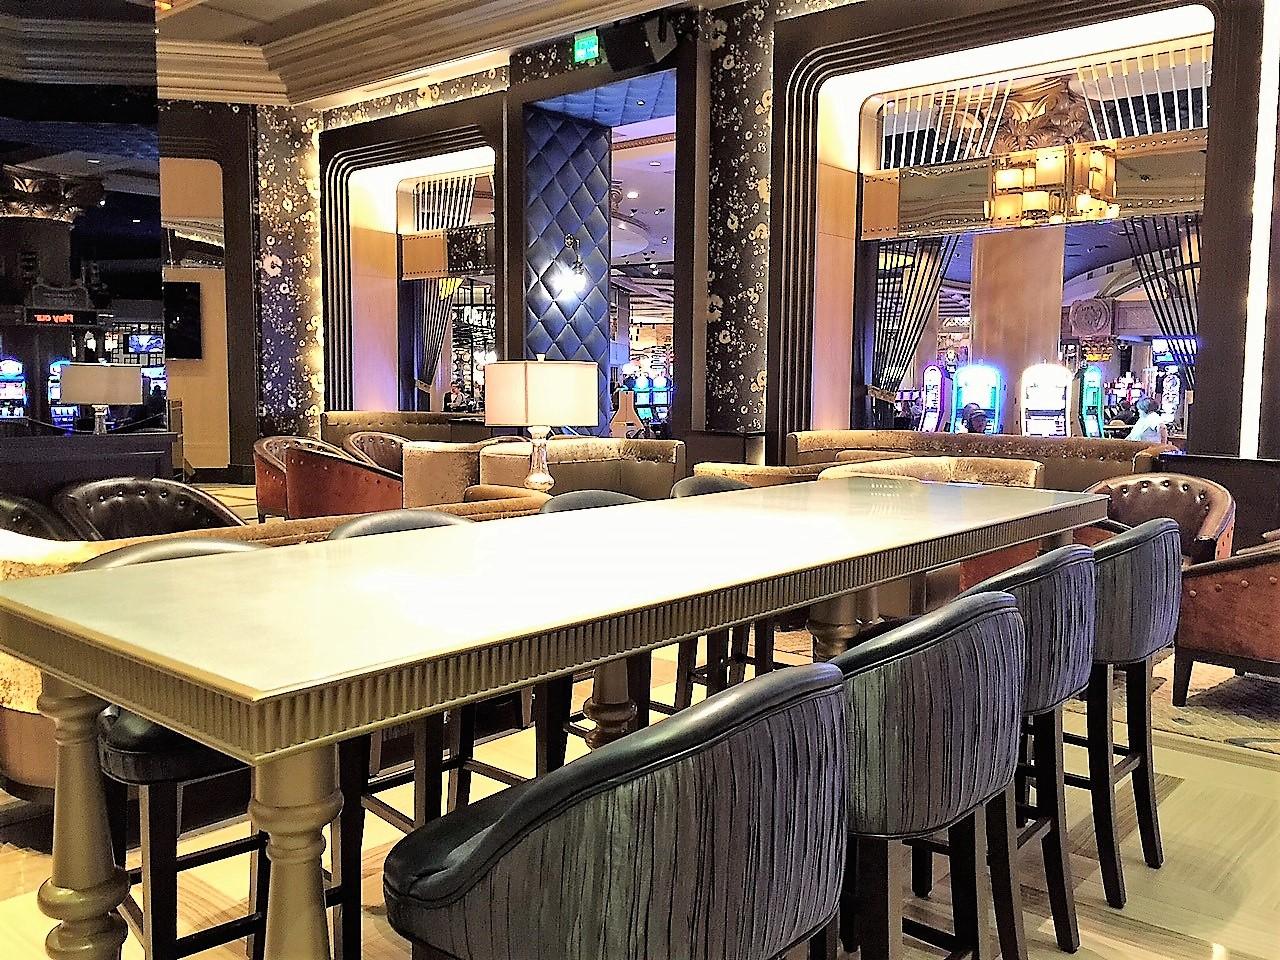 Zinc Top Table @ Vista Cocktail Lounge, Las Vegas